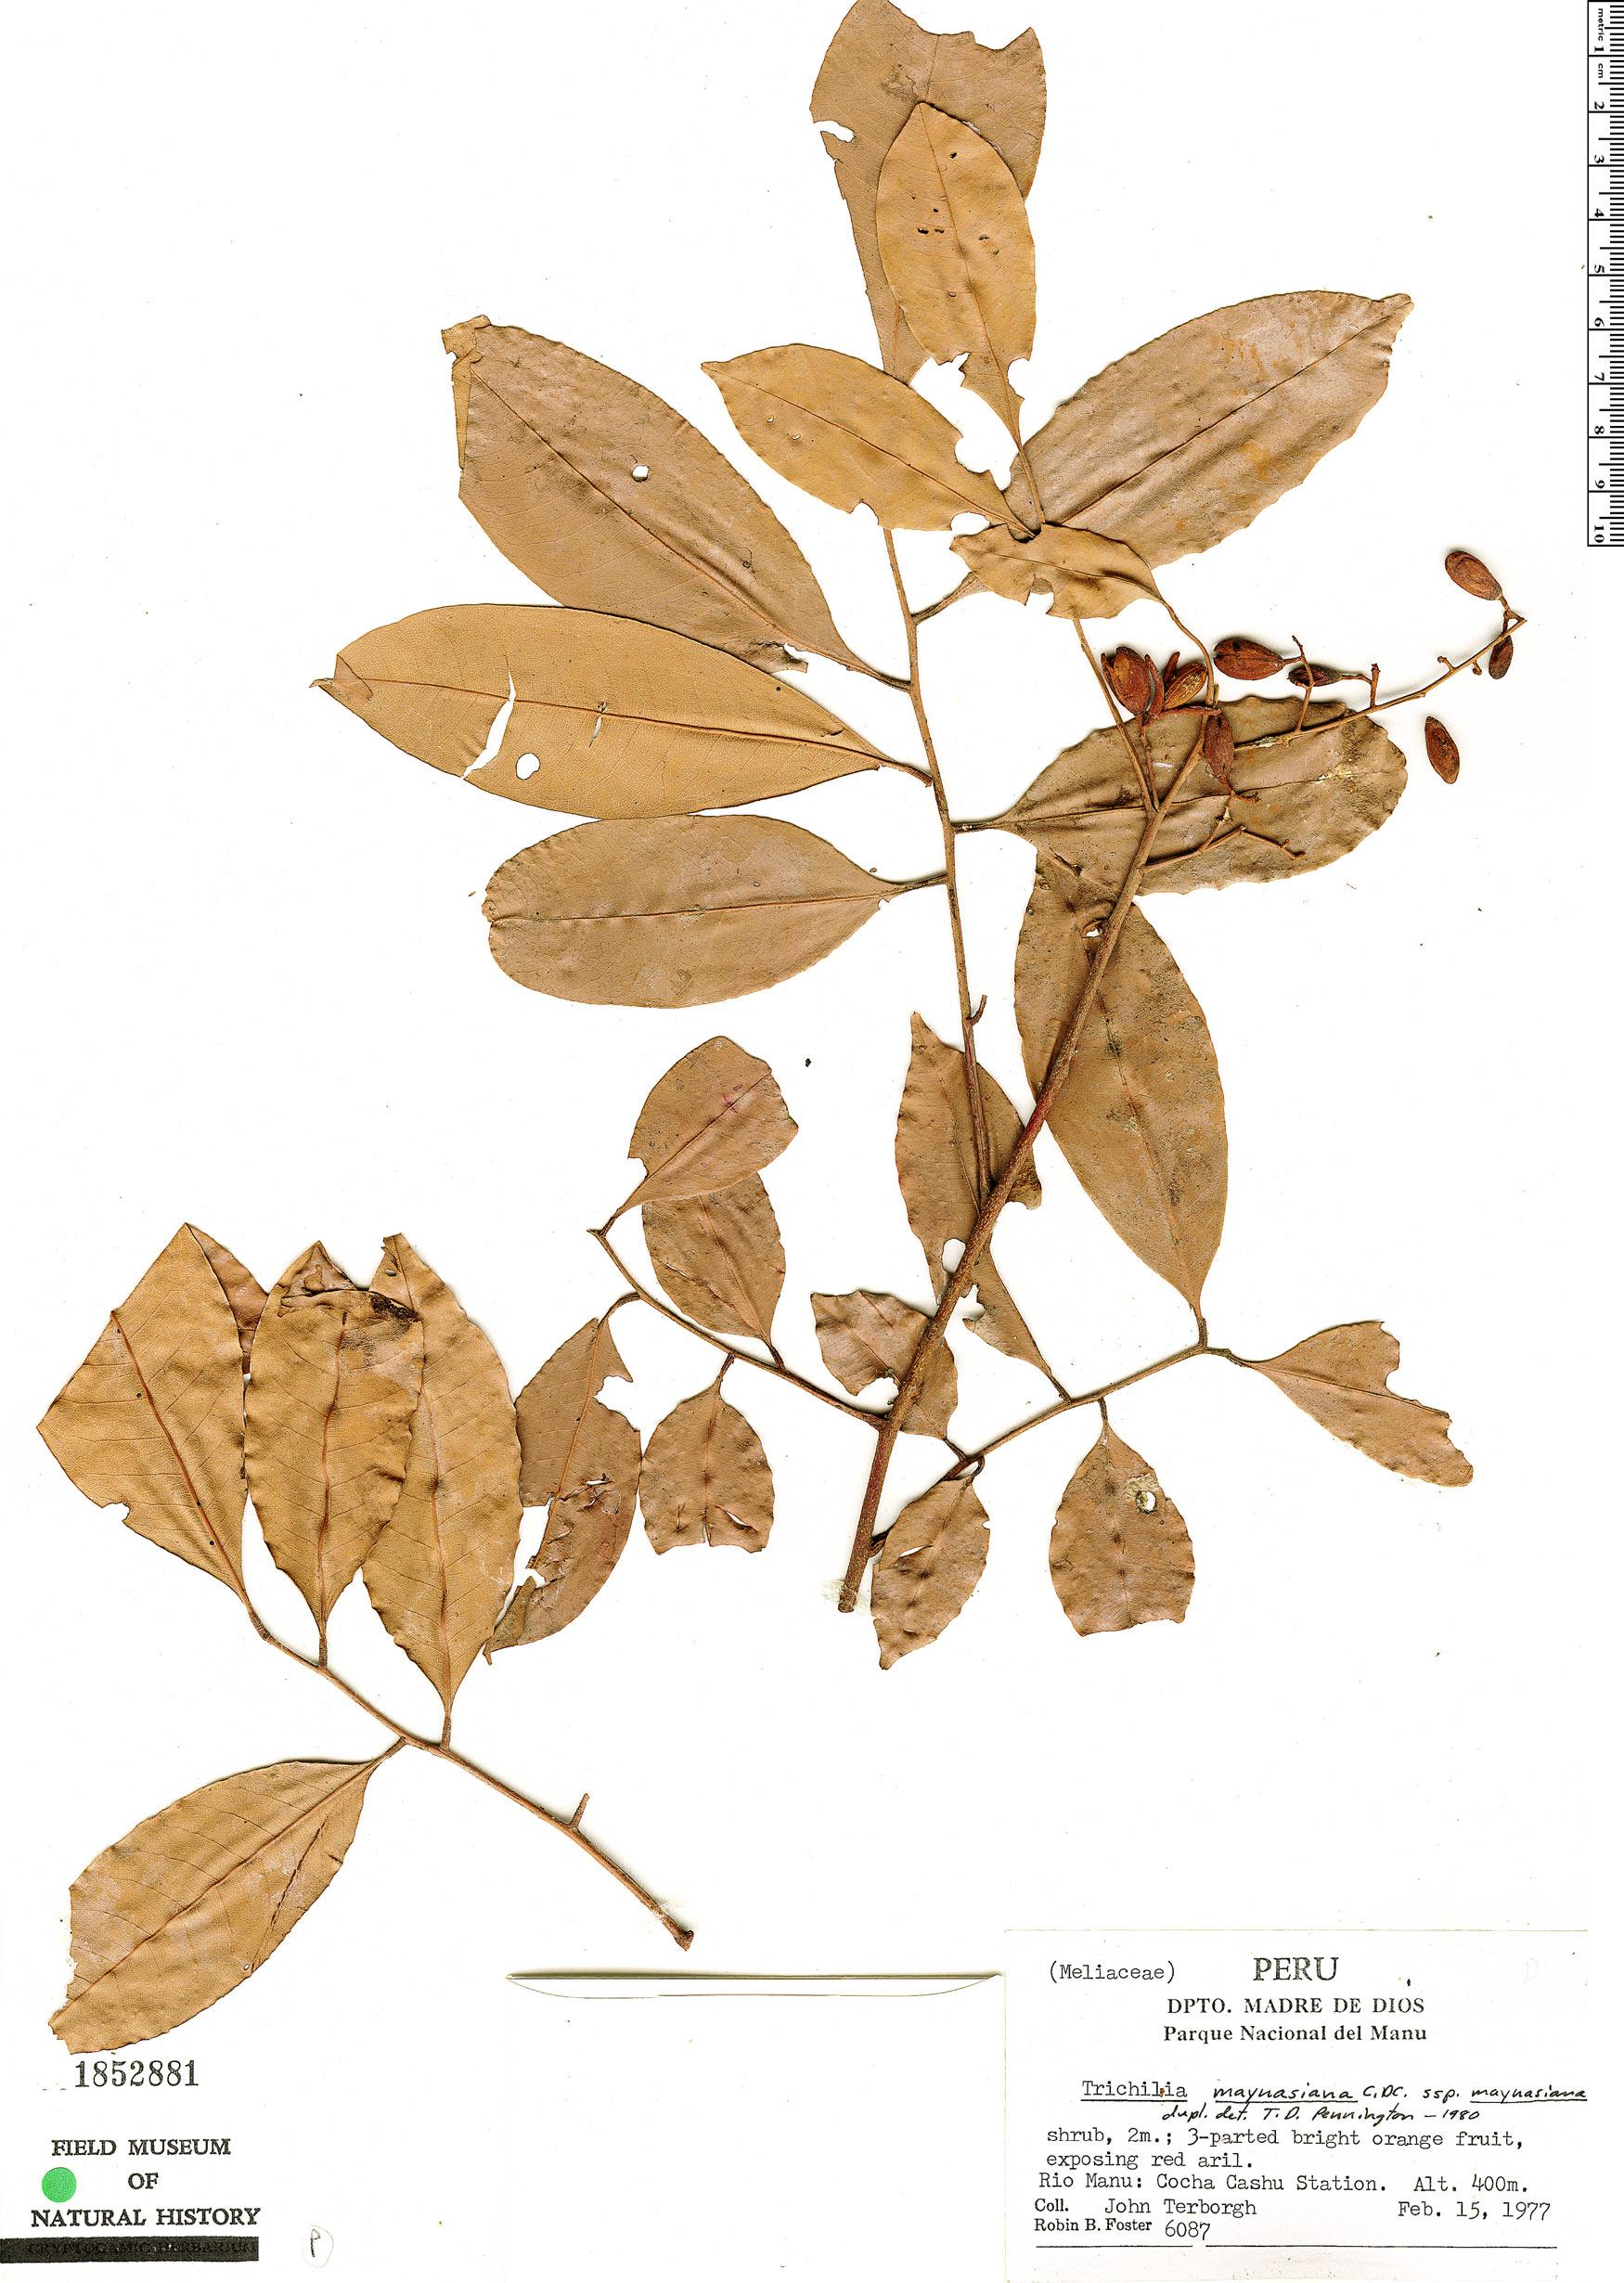 Specimen: Trichilia maynasiana